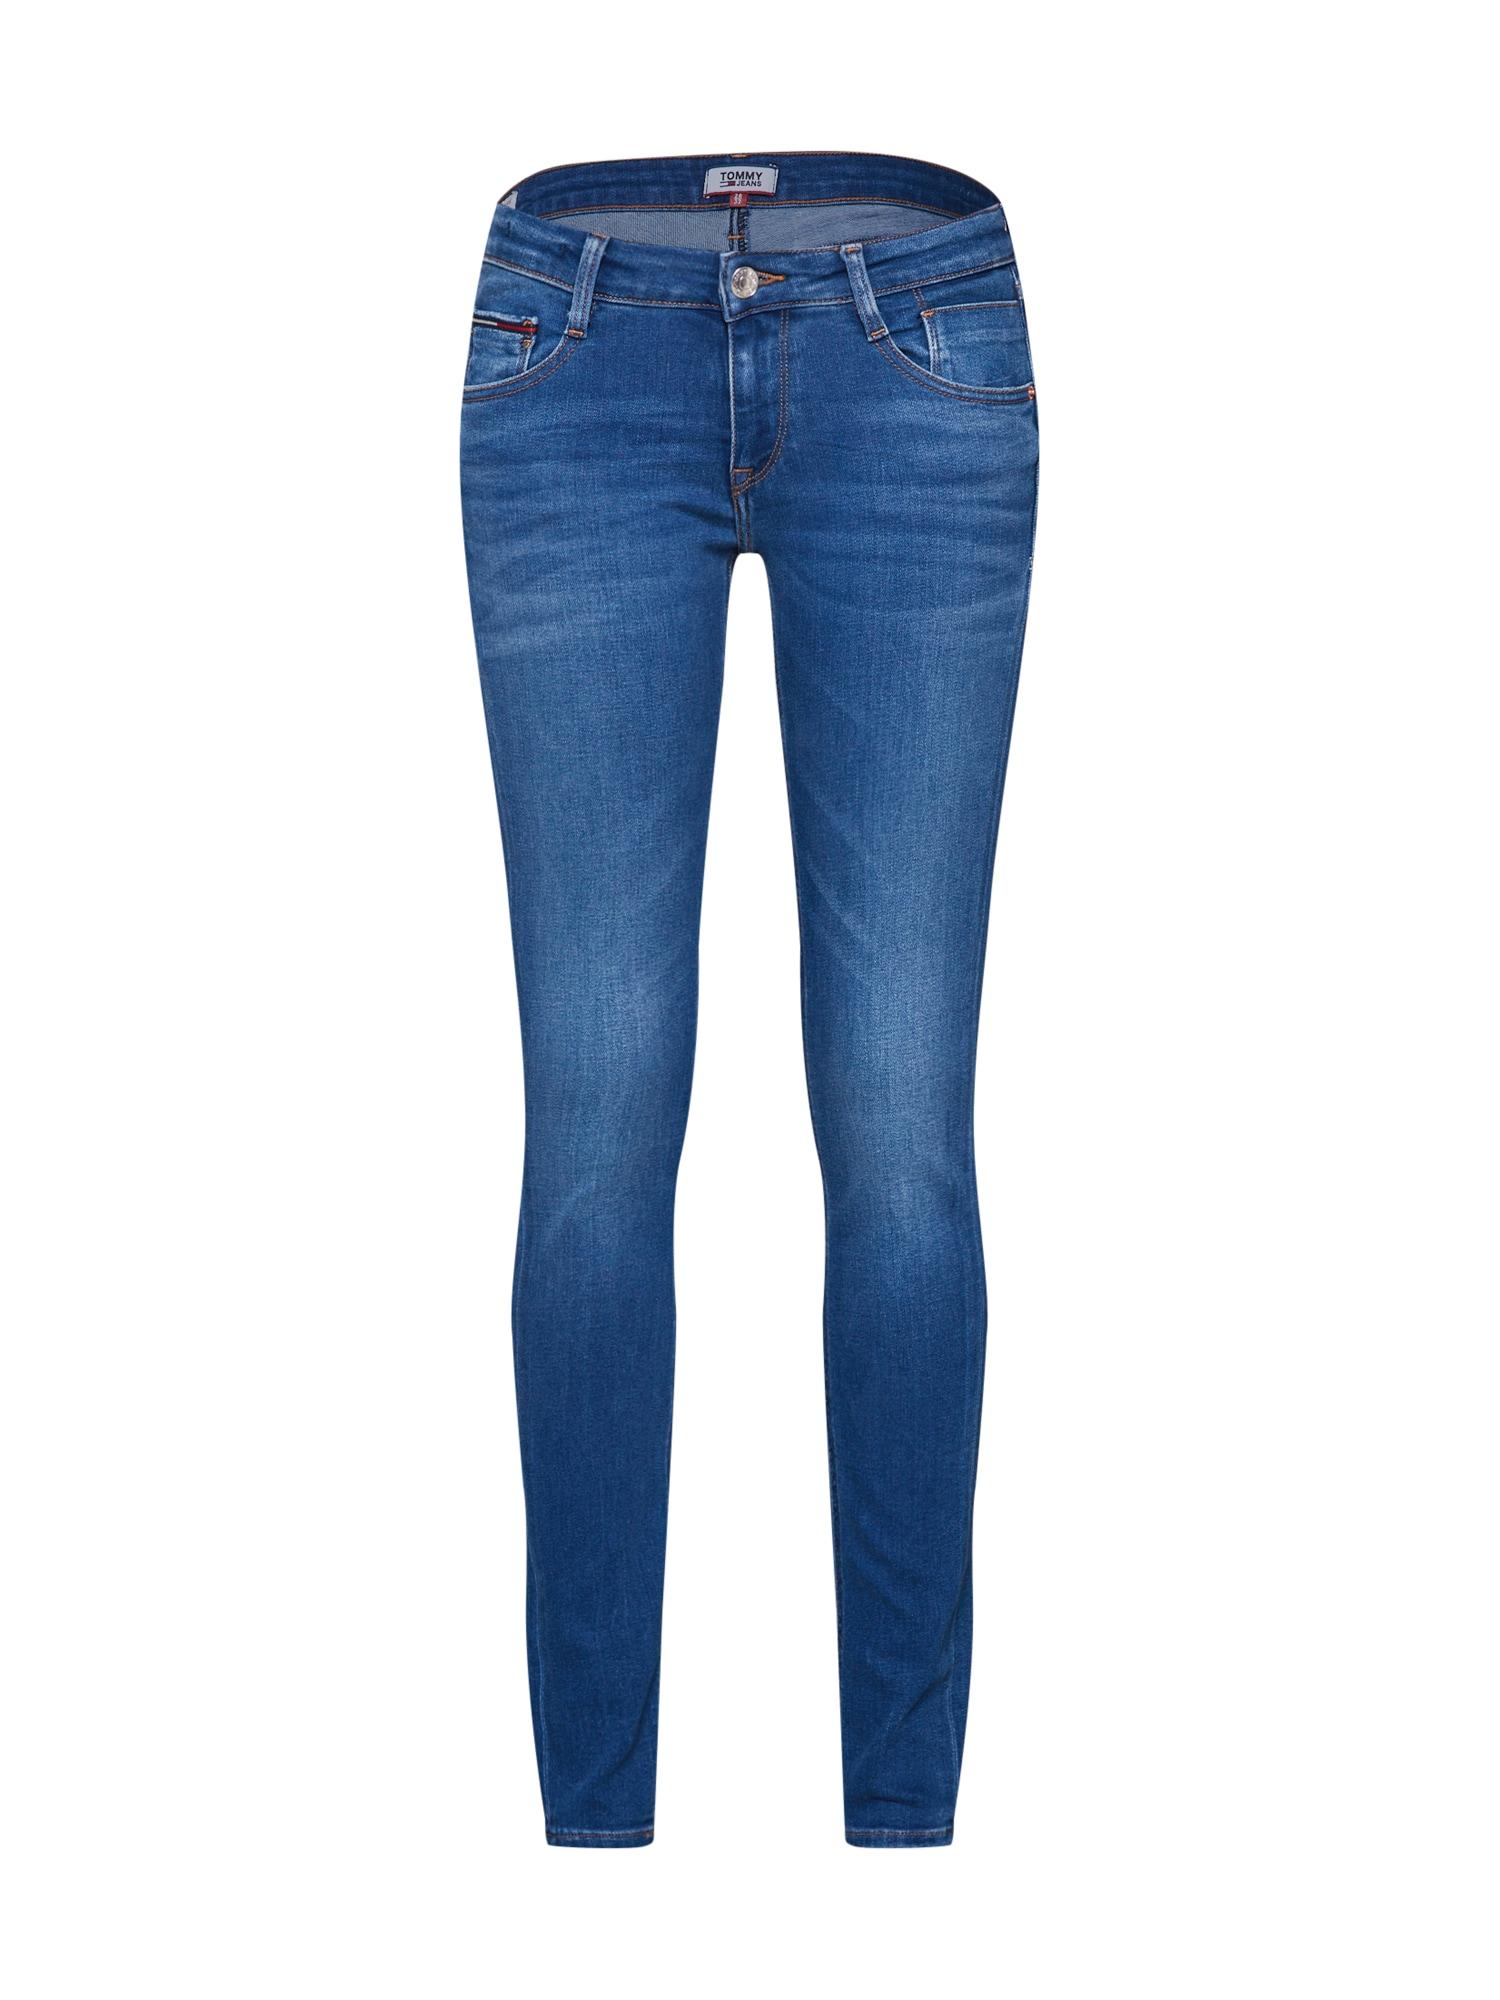 Džíny LOW RISE SKINNY SCARLETT NYFRS modrá džínovina Tommy Jeans